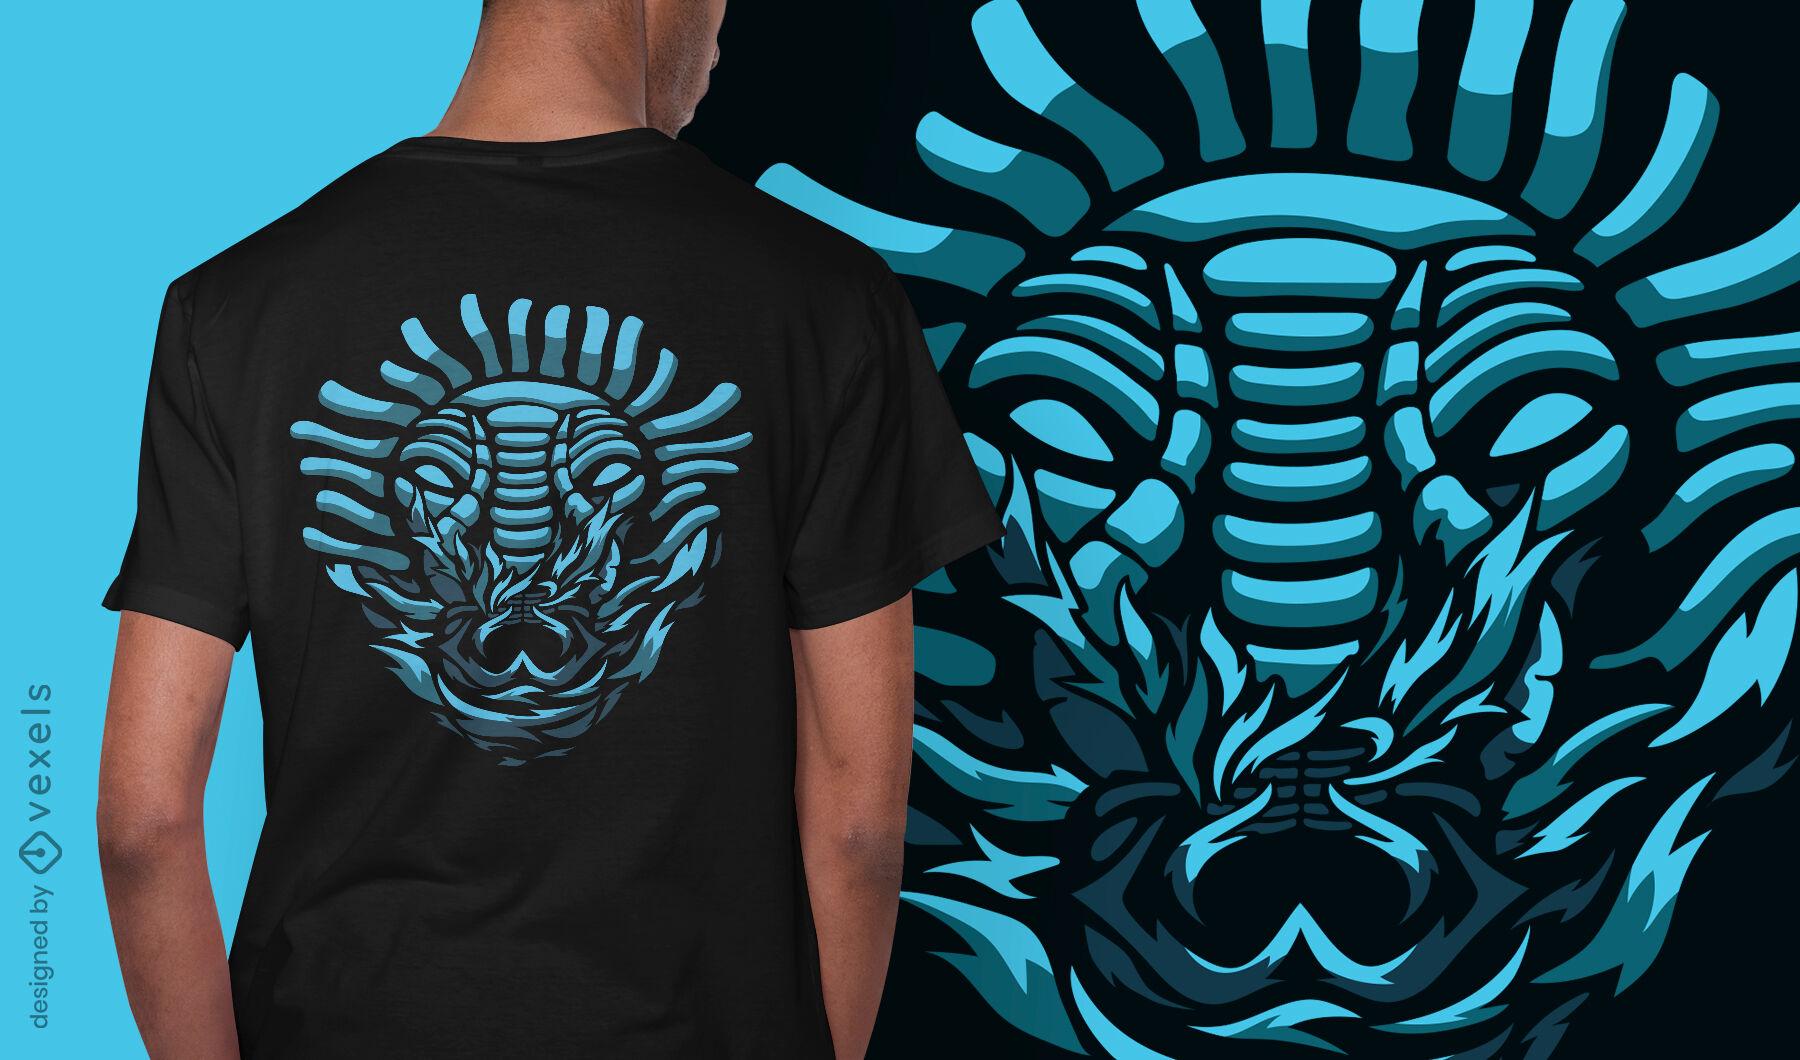 Diseño de camiseta de máscara de demonio de criatura oscura.